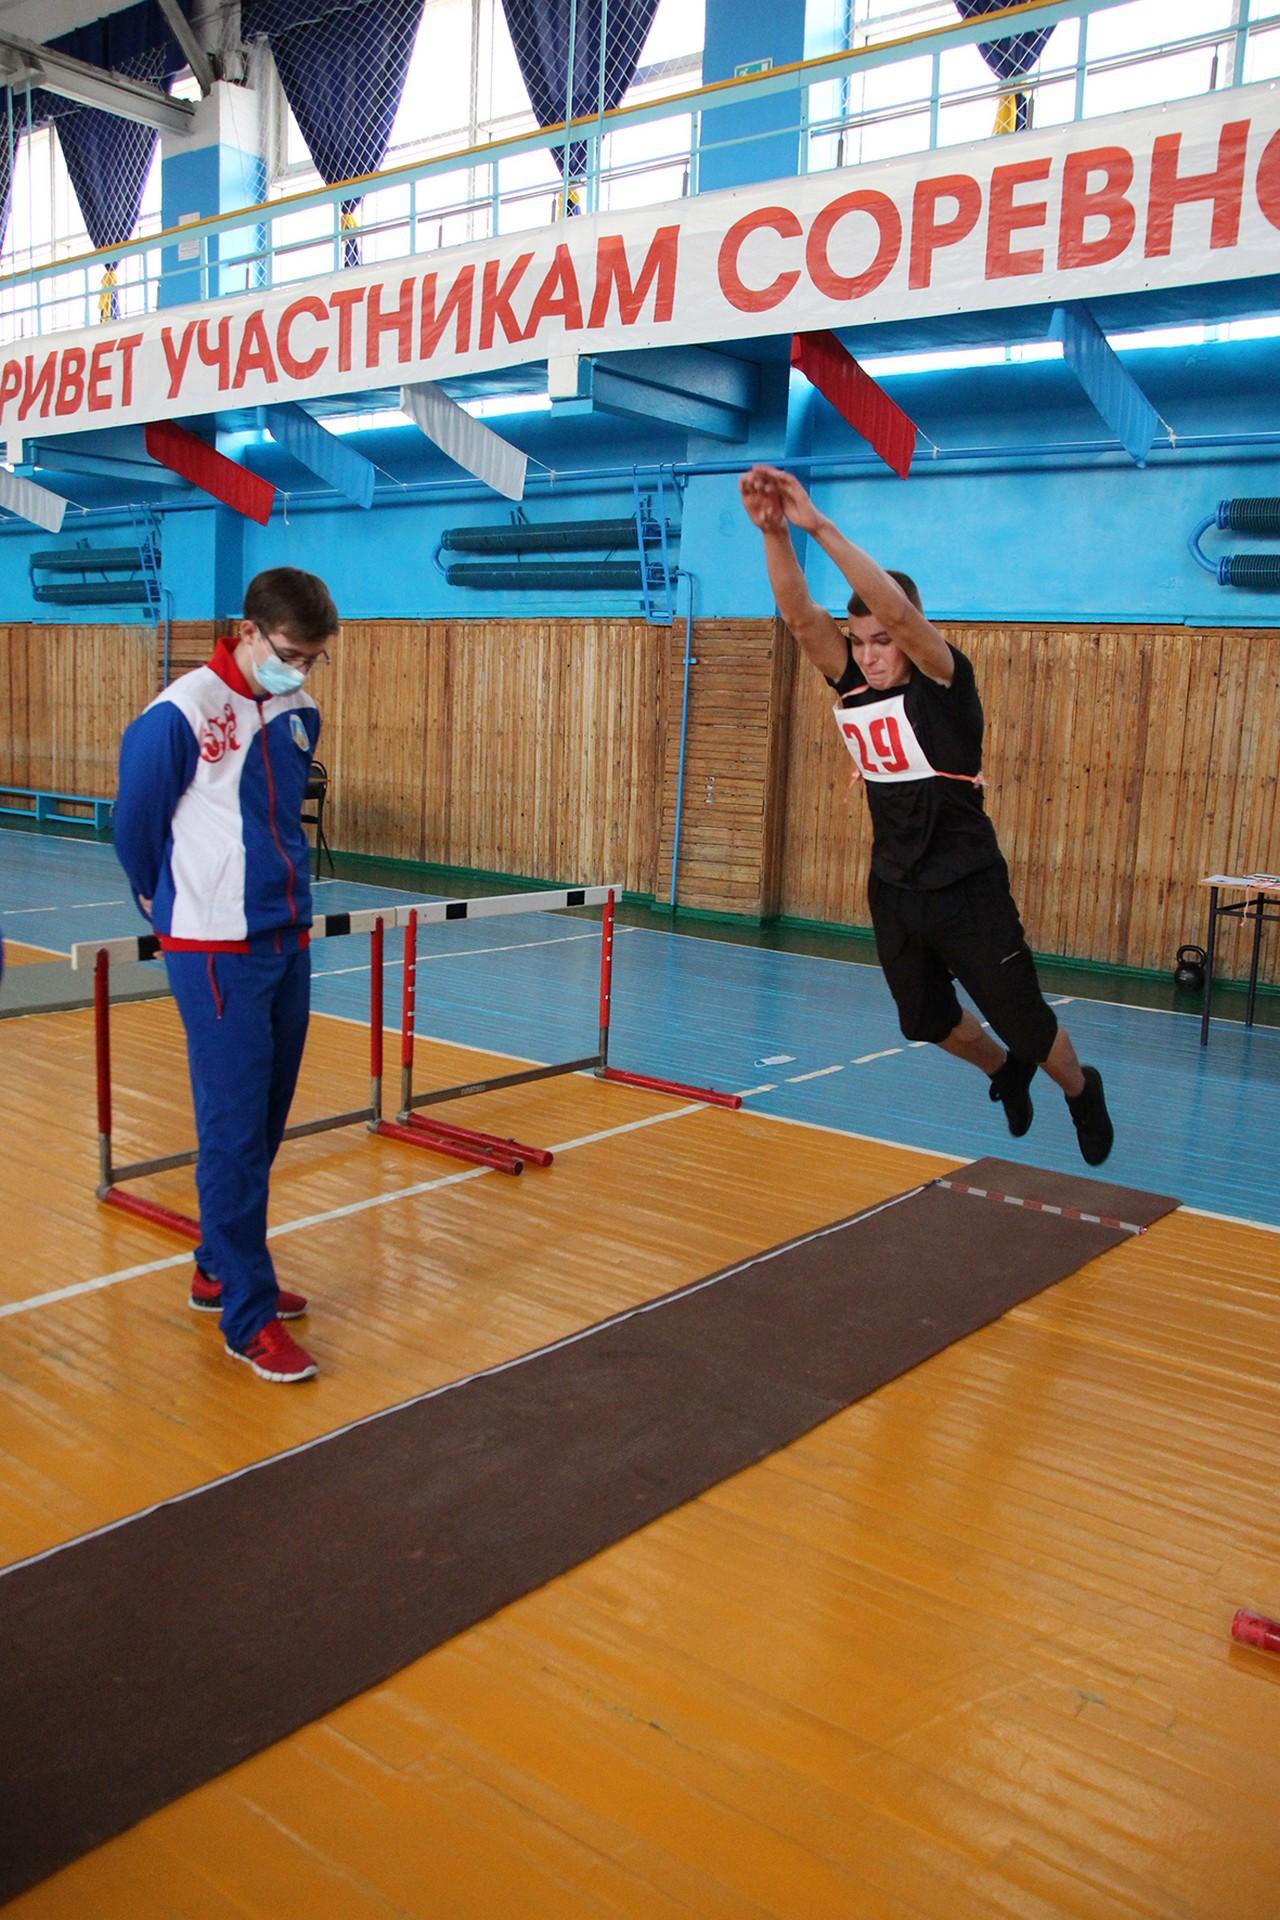 Проводится приём нормативов Всероссийского физкультурно-спортивного комплекса «Готов к труду и обороне»